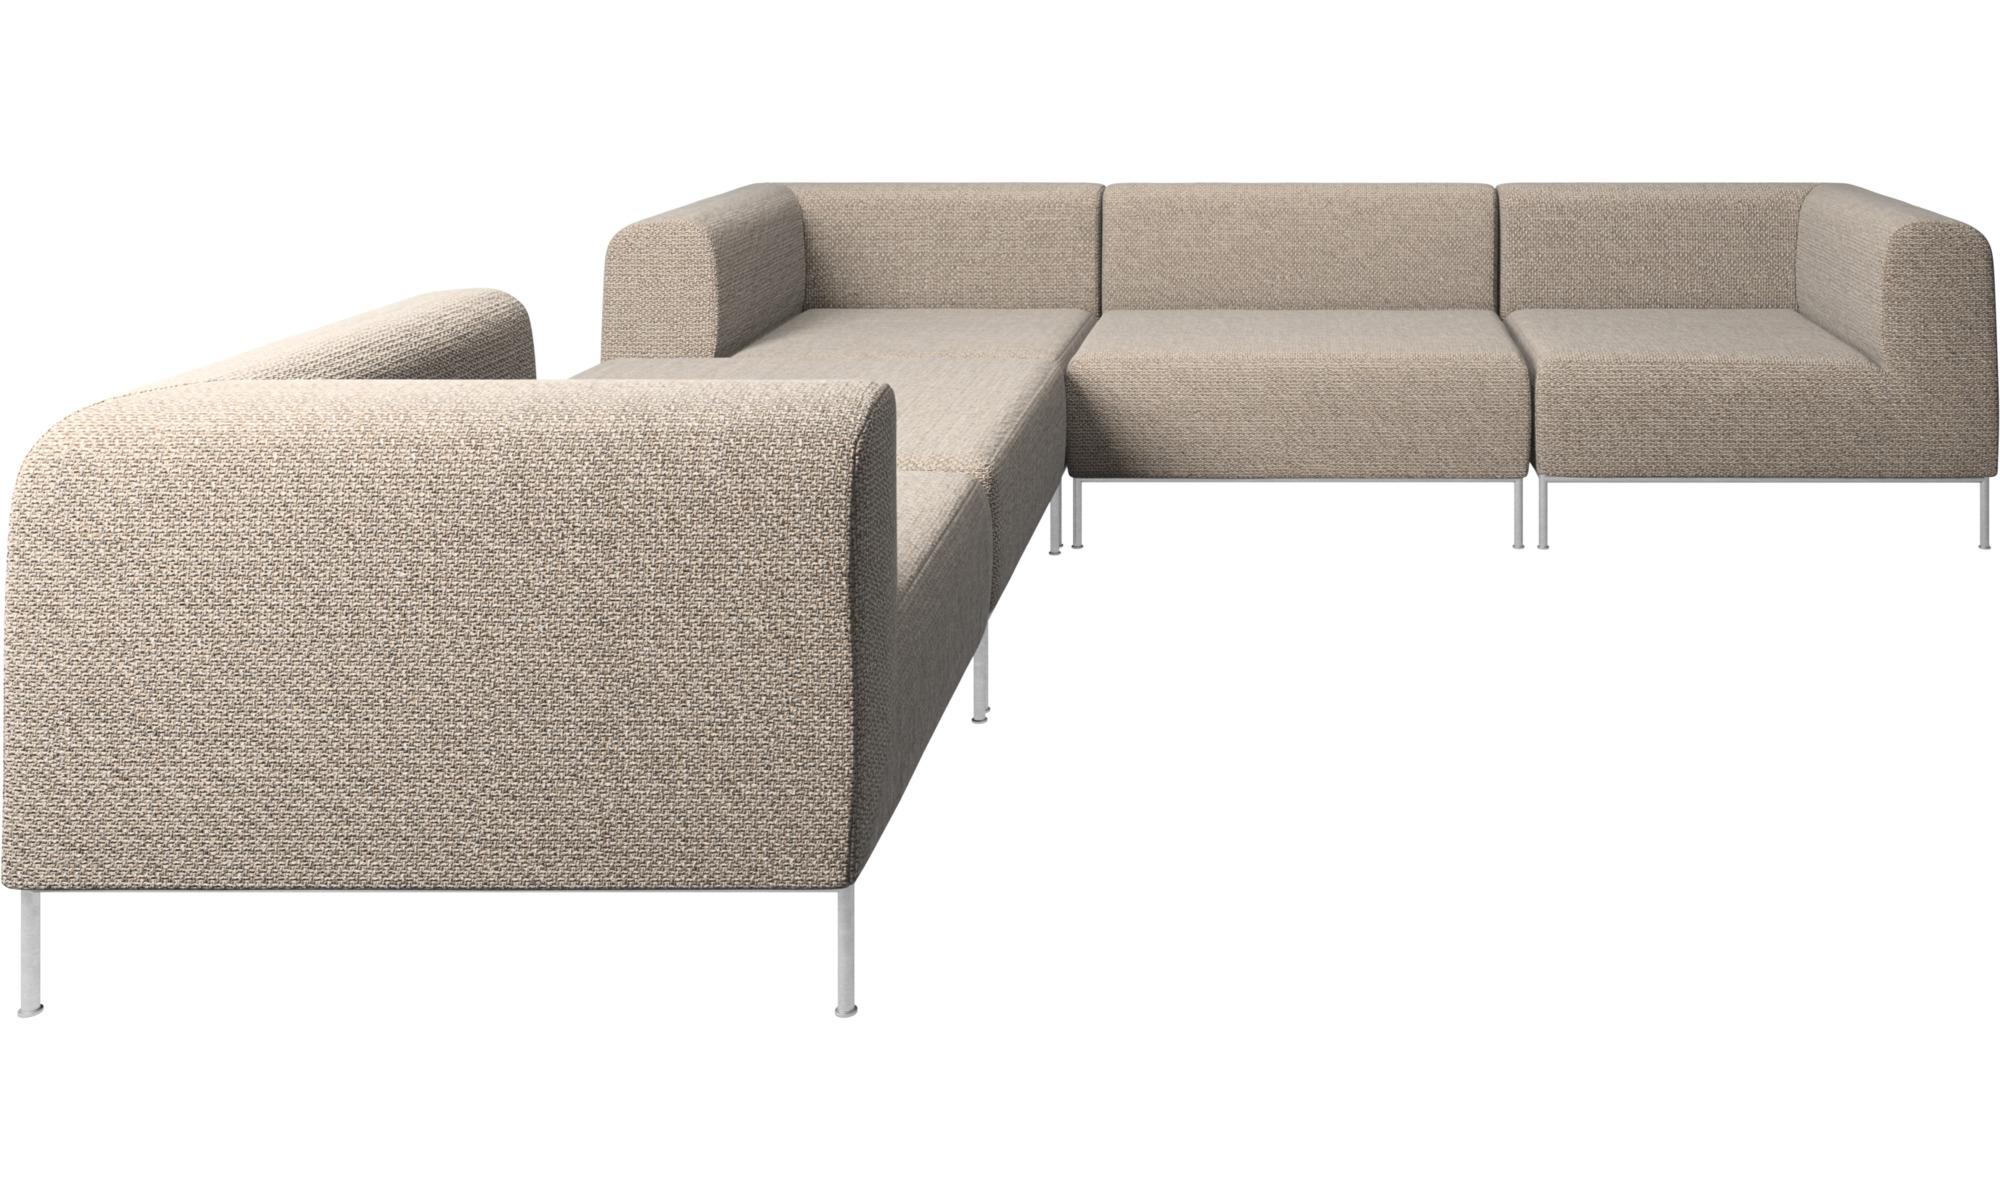 canap s modulaires canap d 39 angle miami avec pouf sur la gauche boconcept. Black Bedroom Furniture Sets. Home Design Ideas